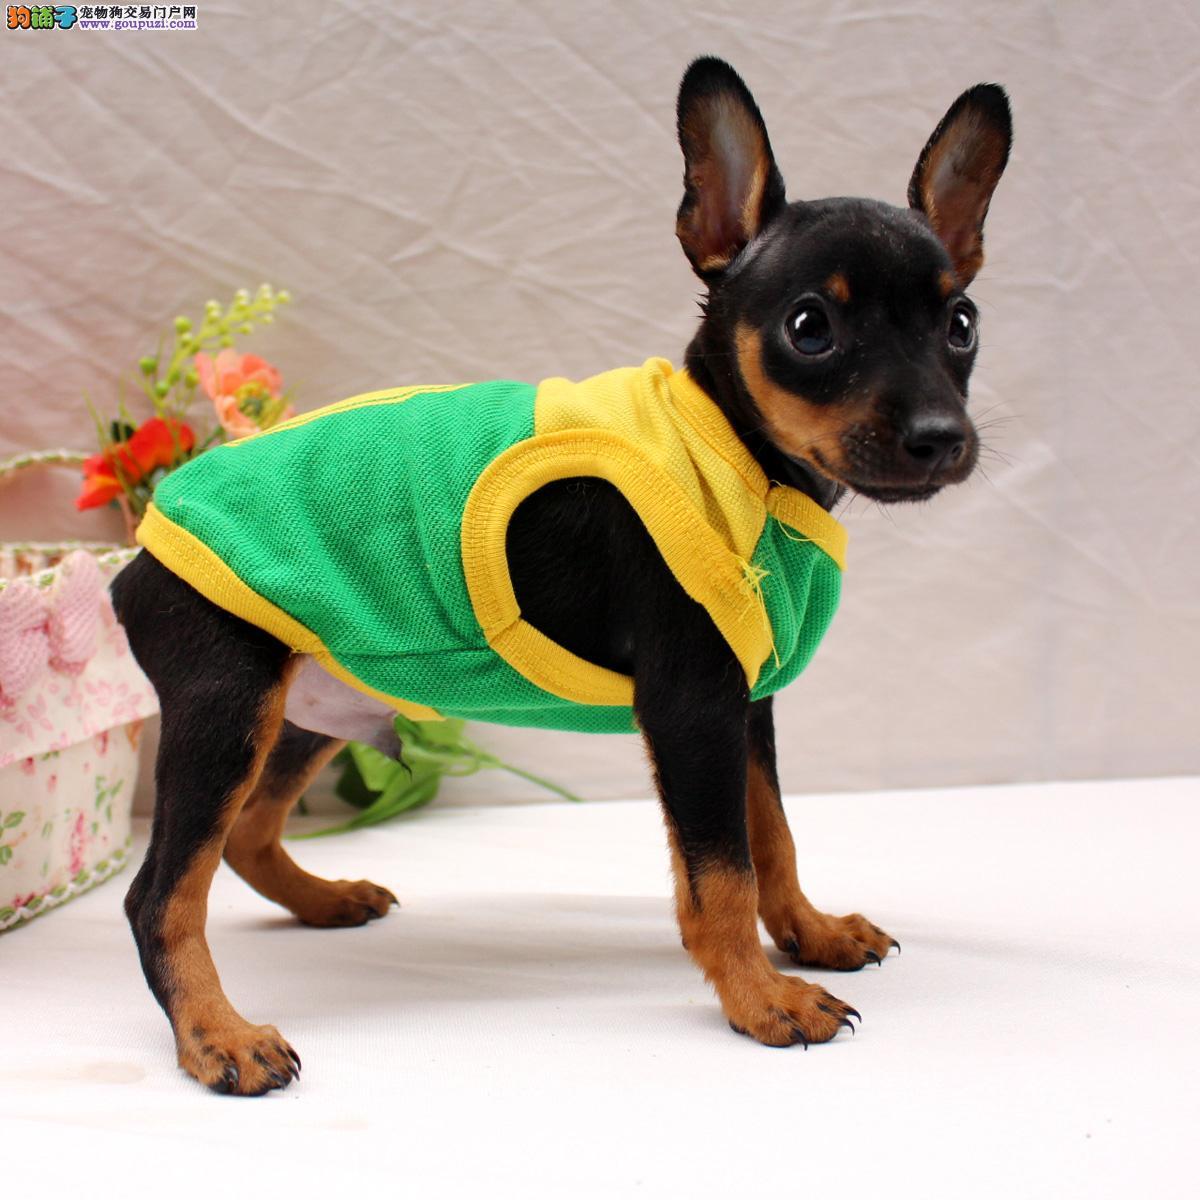 天津现出售小巧玲珑的小鹿弟弟妹妹狗狗免疫做齐了